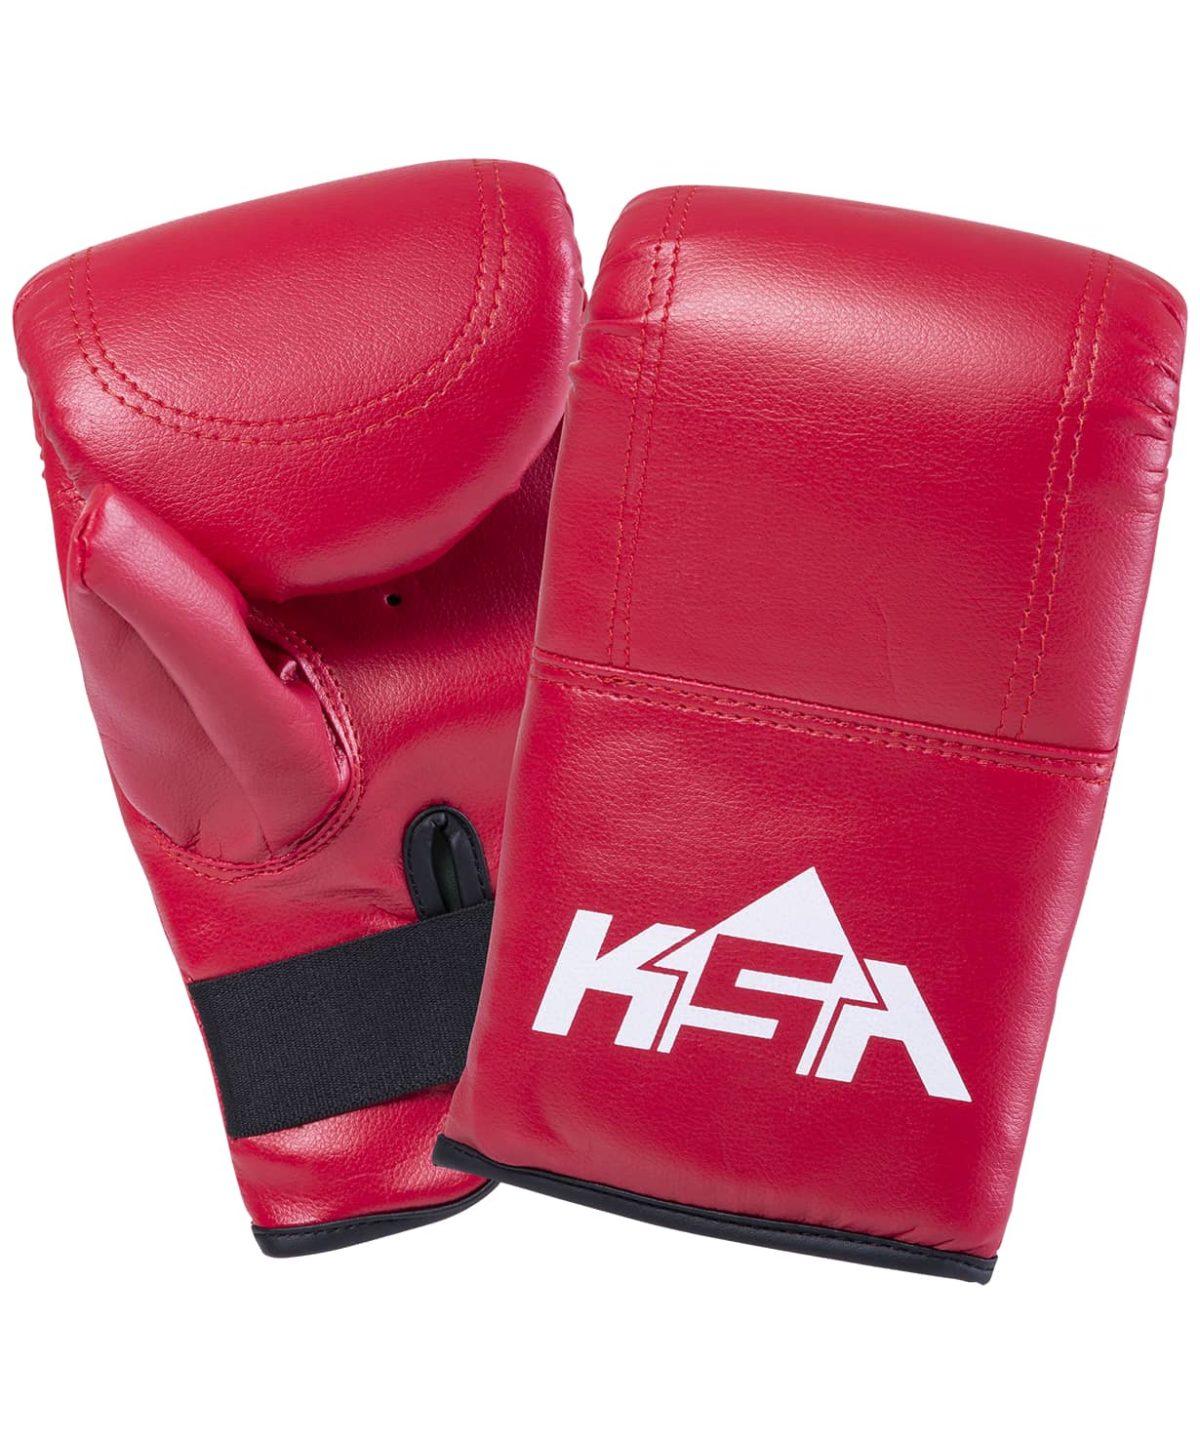 KSA Перчатки снарядные Bull, к/з 1784: красный - 2